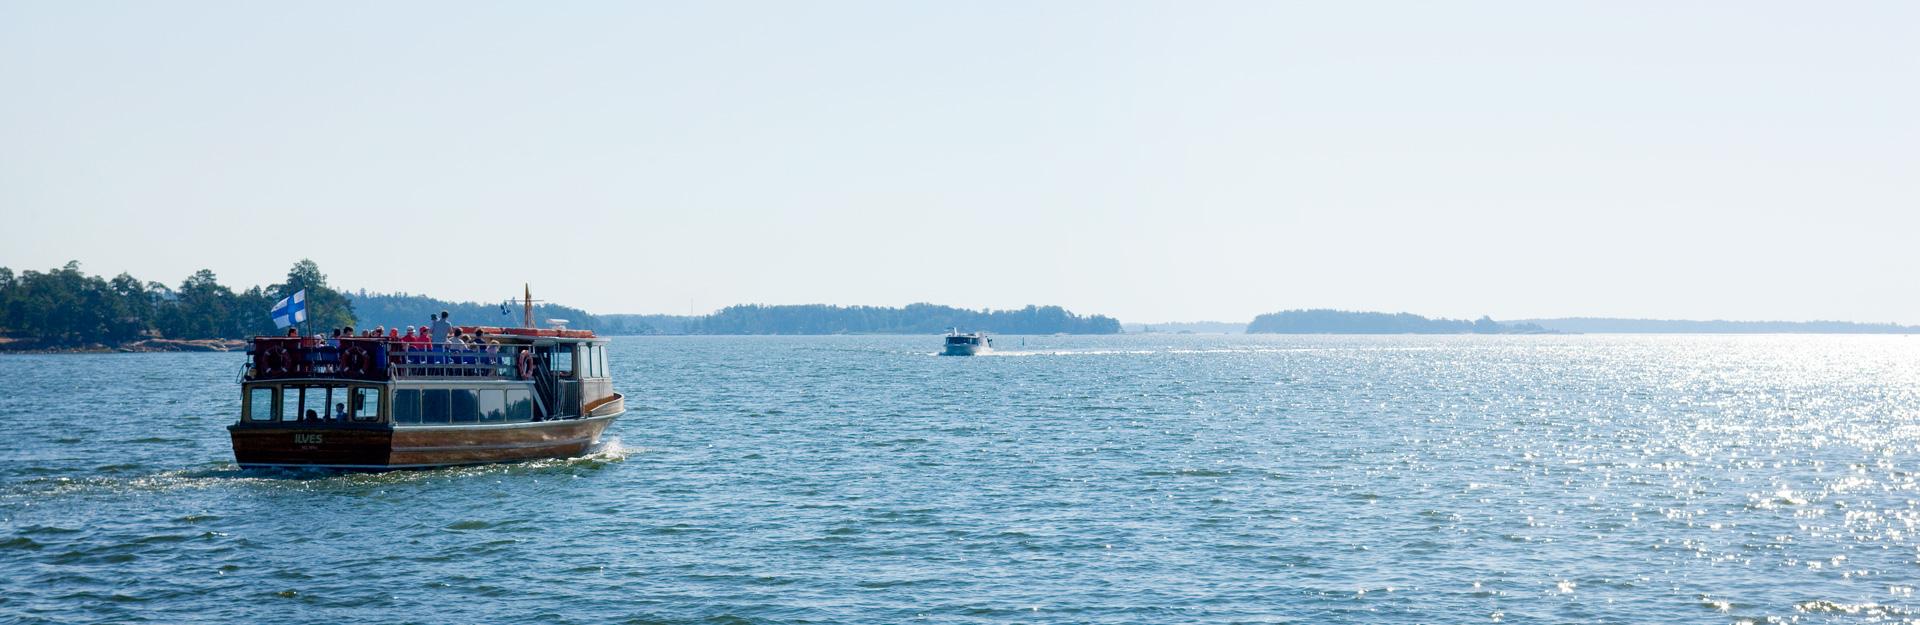 Saaristovene merellä